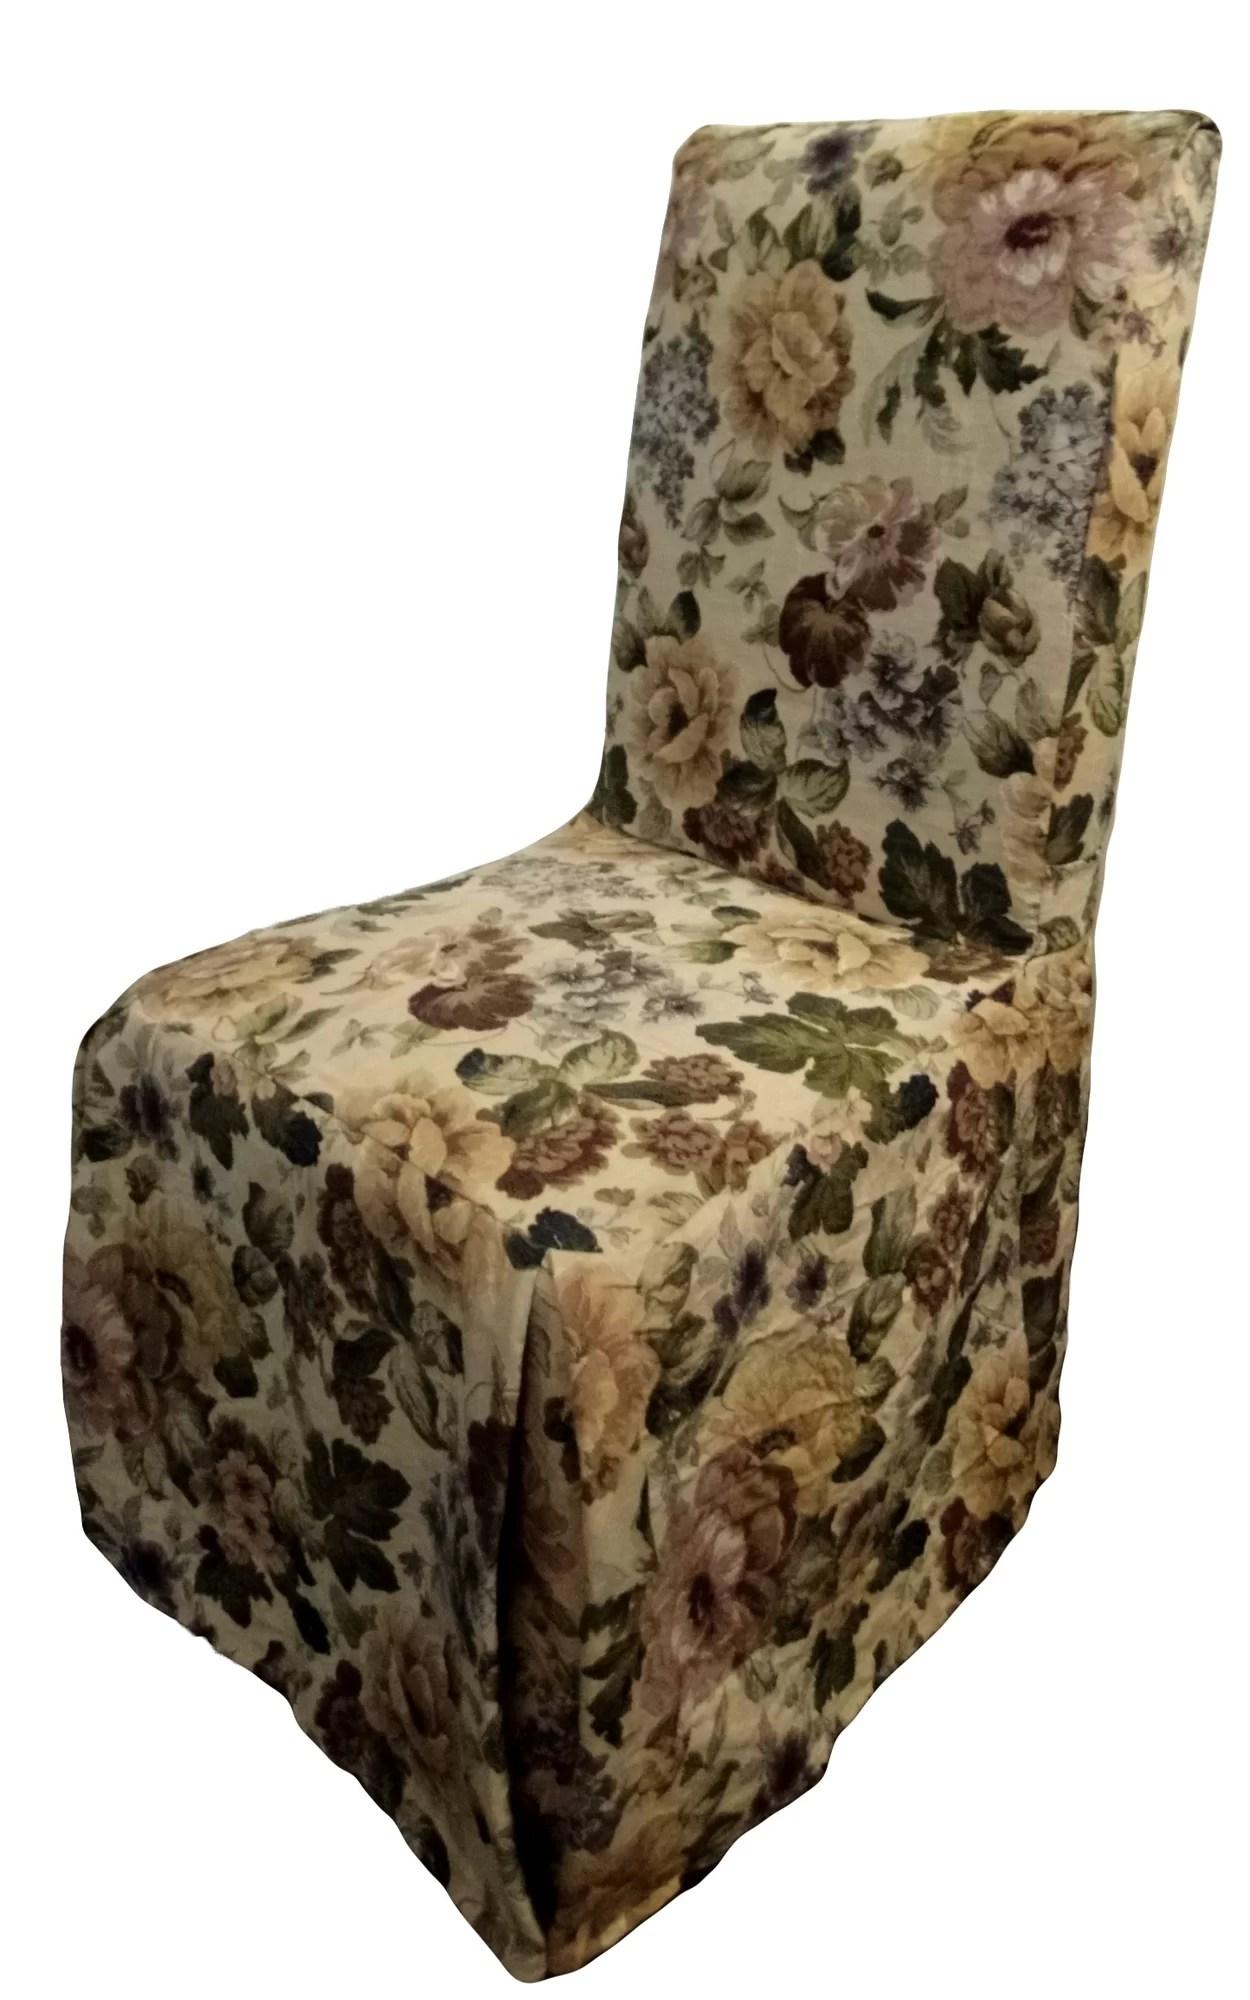 parsons chair cover pattern roman for sale textiles plus inc slip